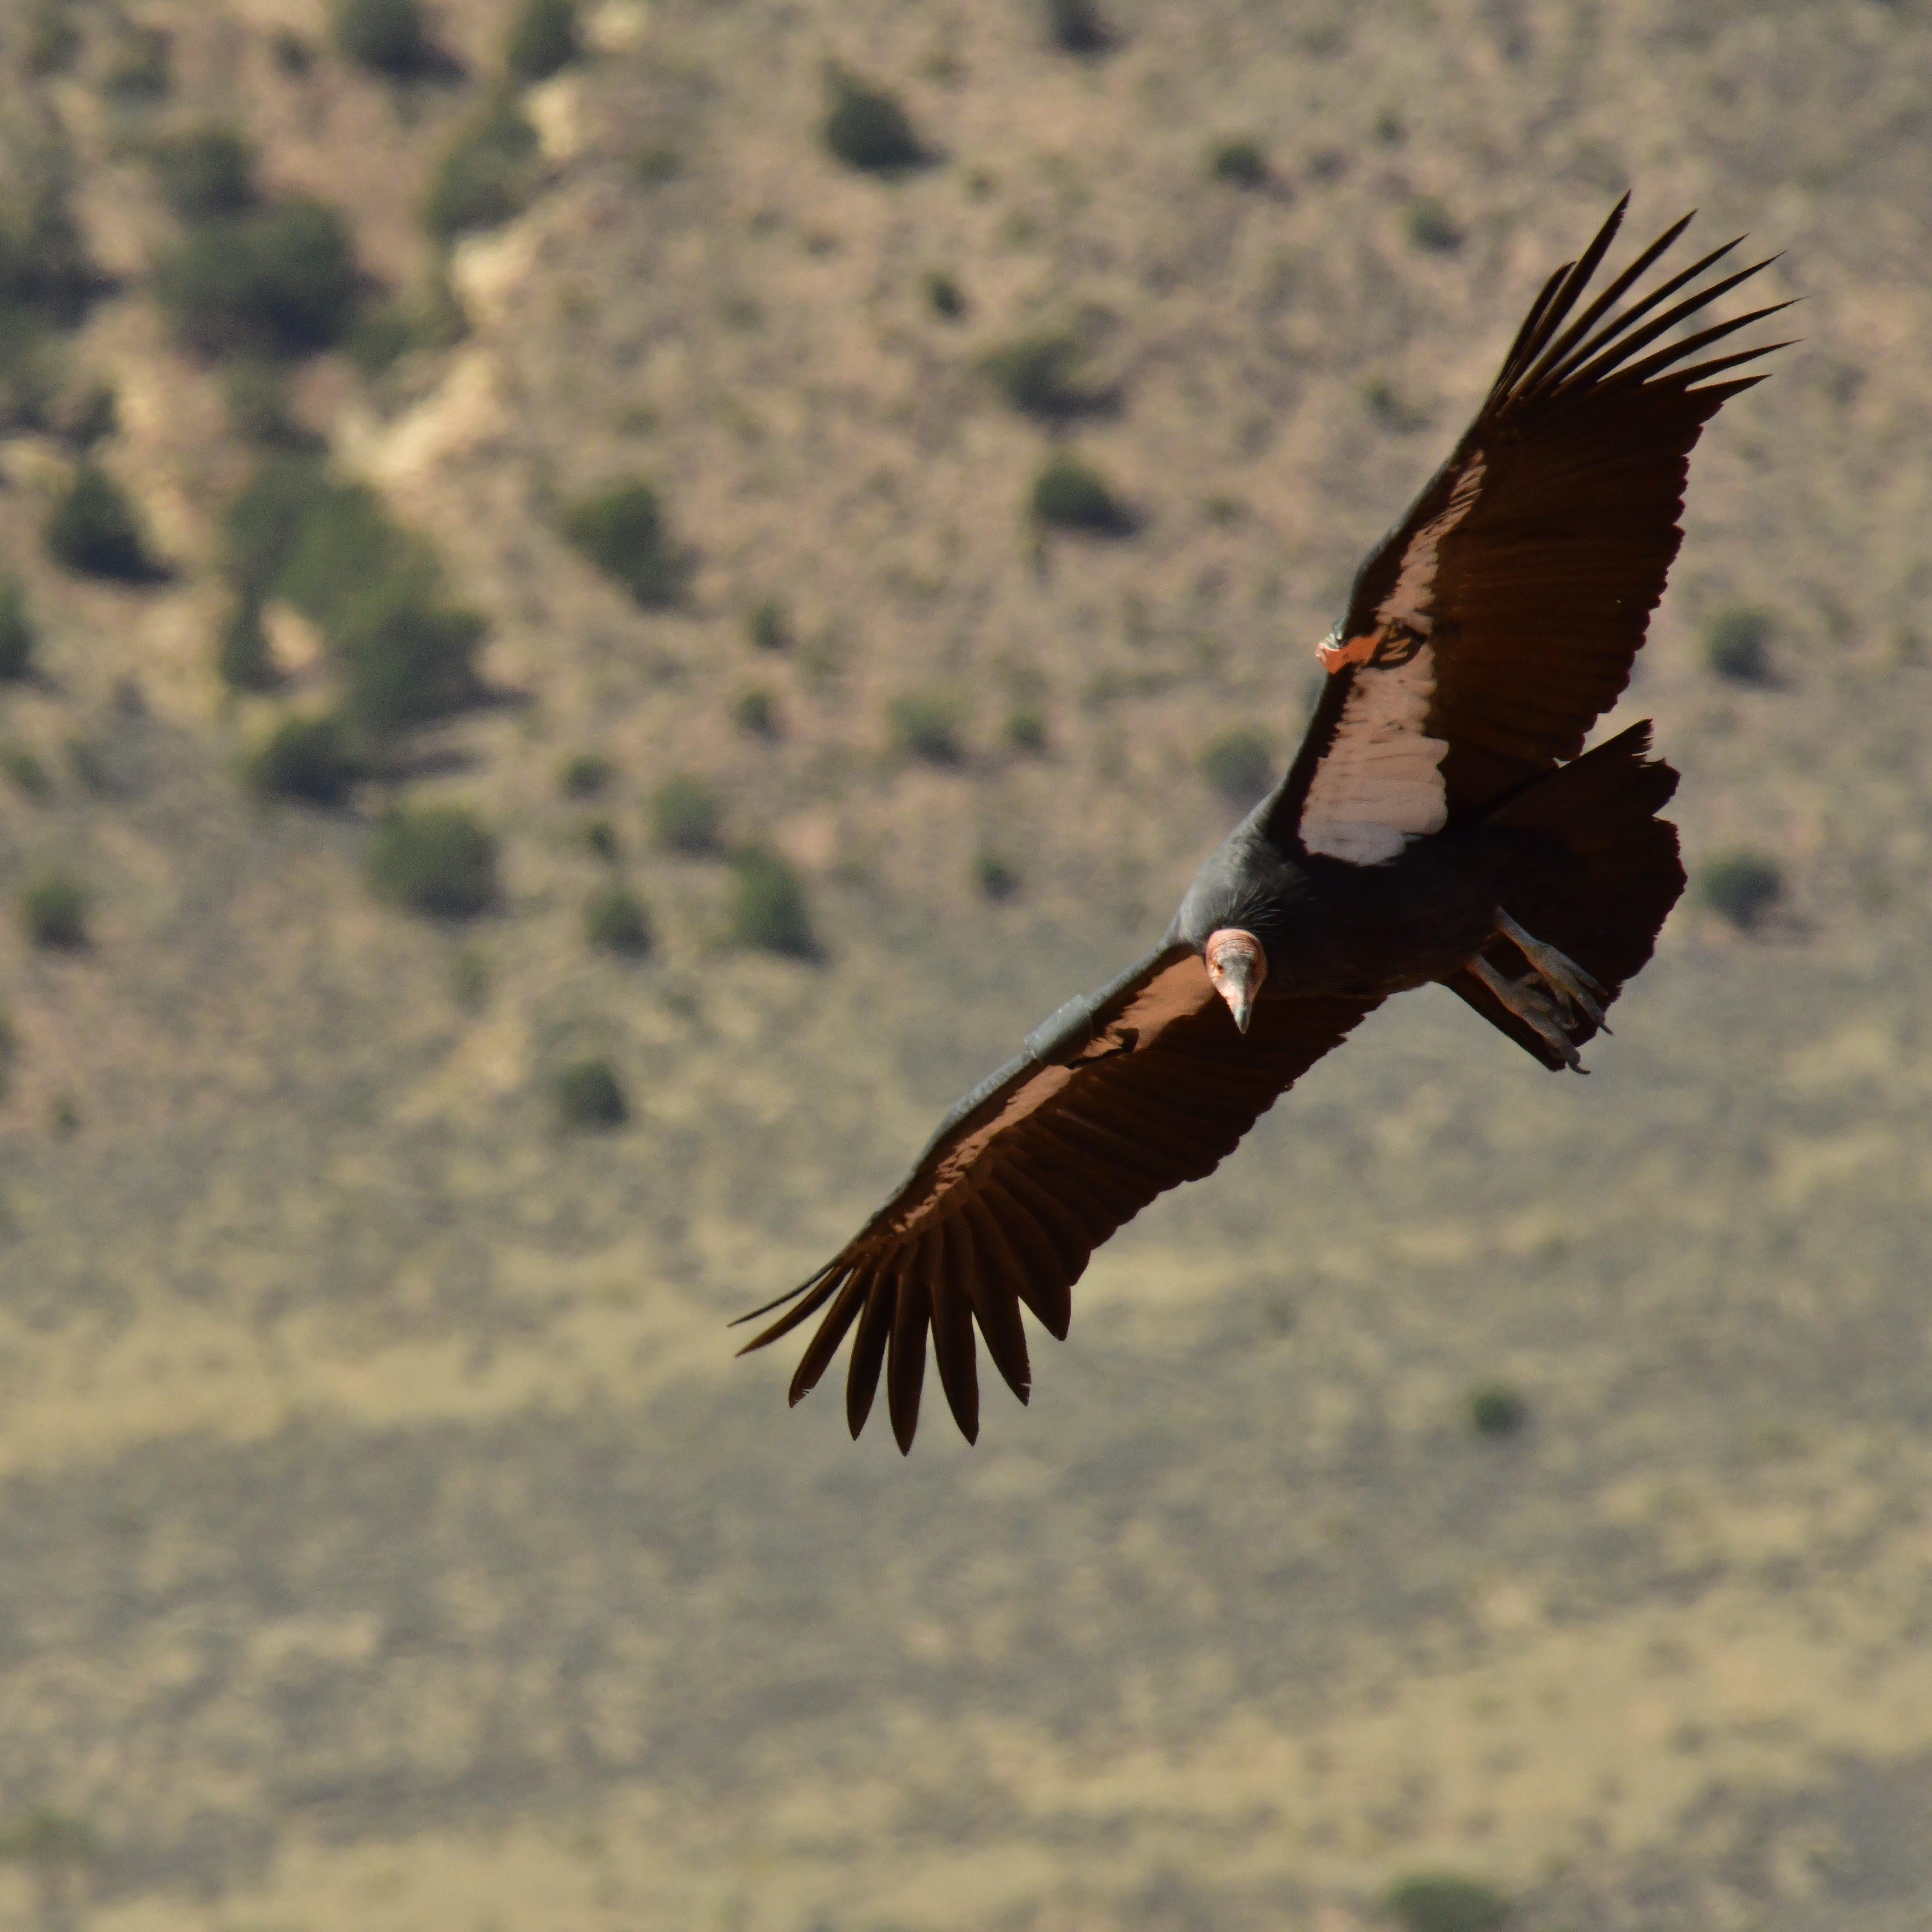 A California condor flies through the air at Vermilion Cliffs National Monument on Sept. 22, 2018.